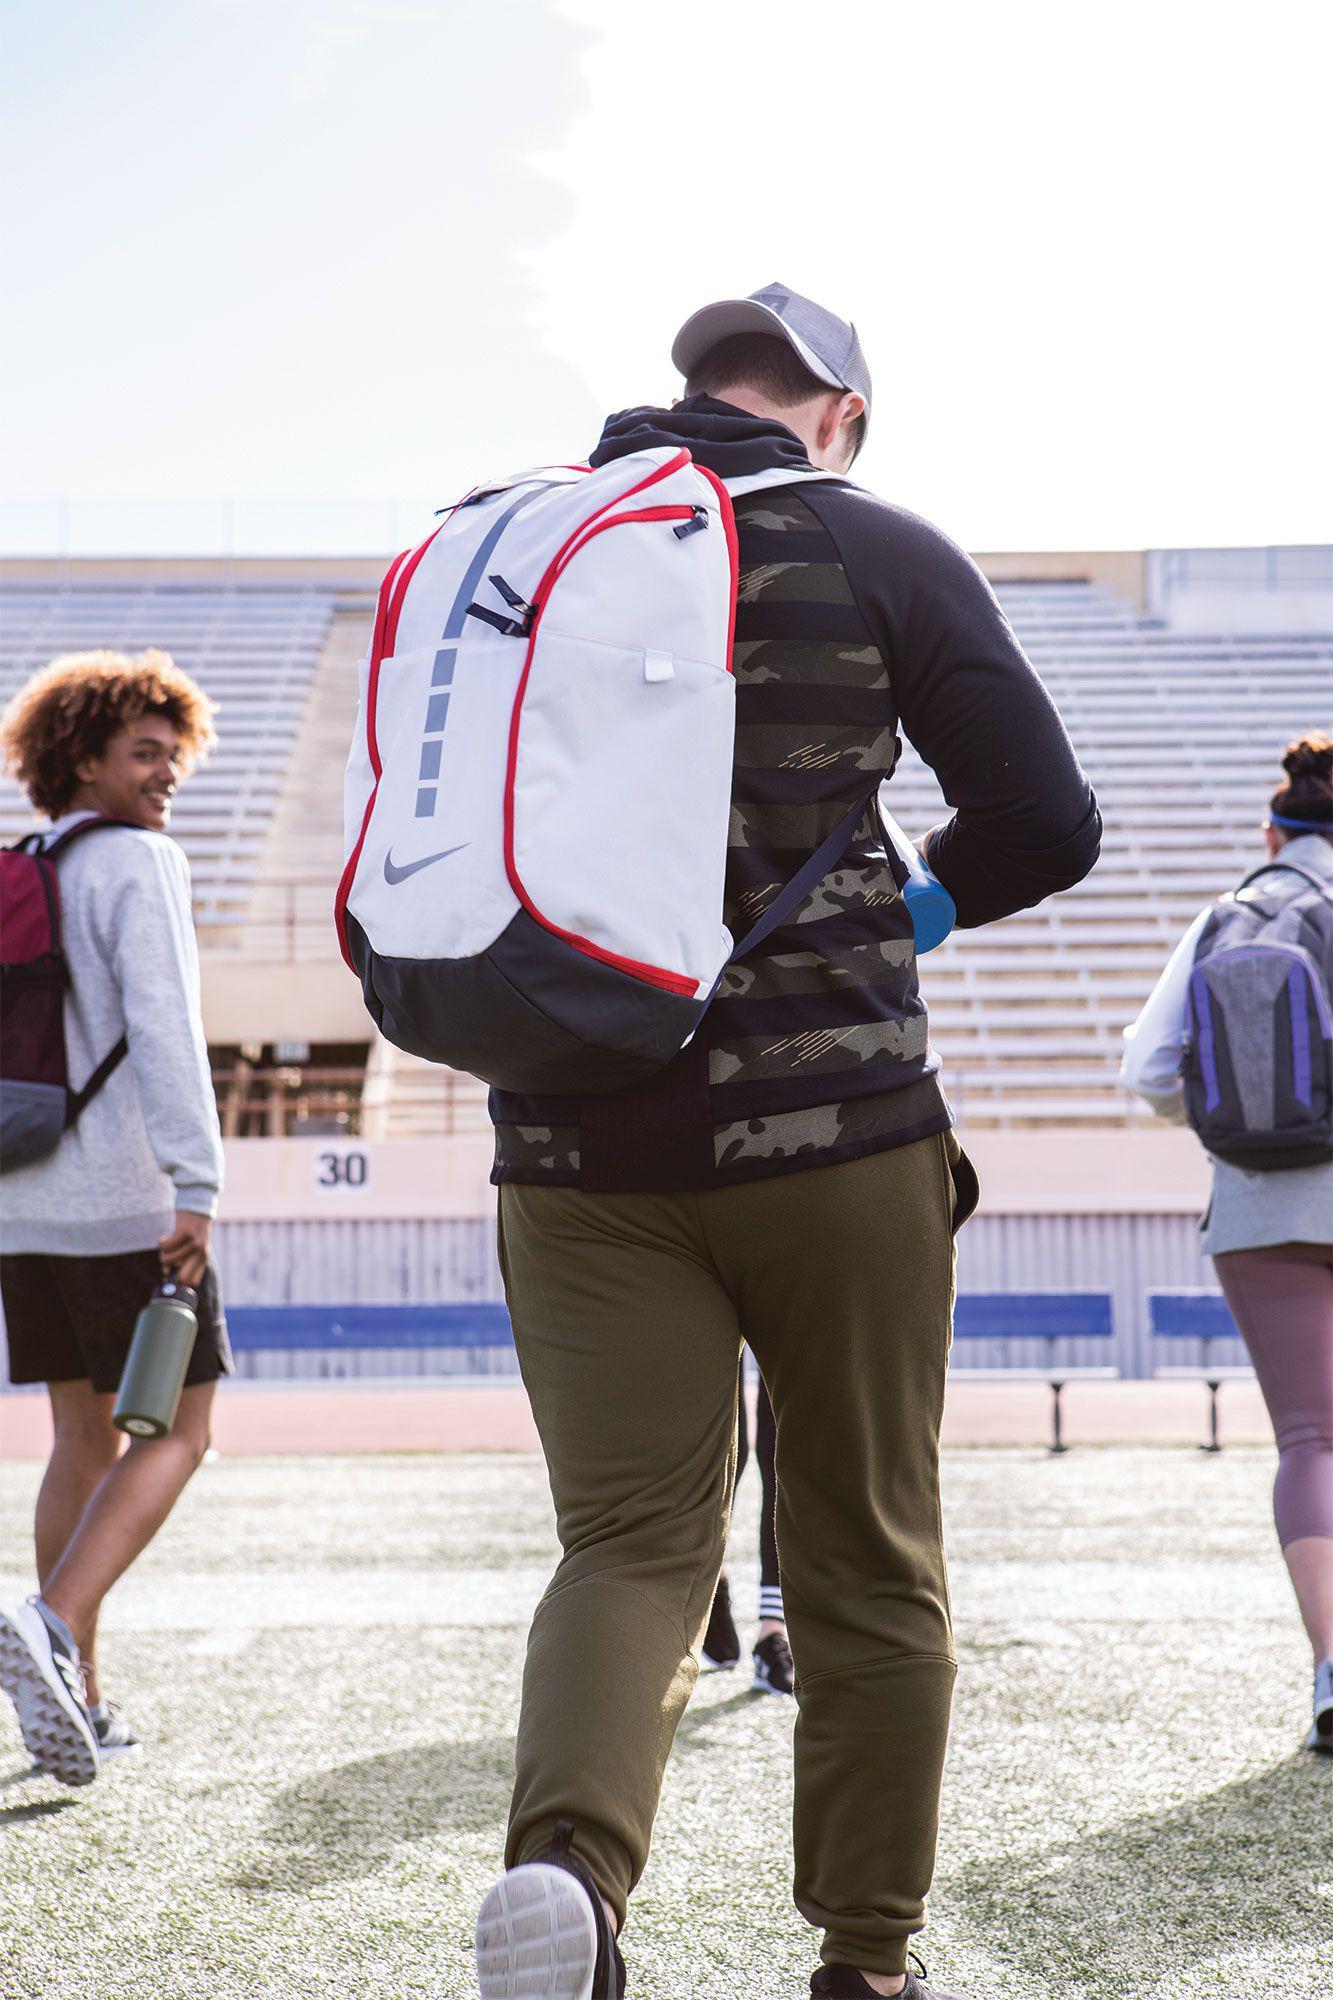 9f7e83184 Nike - Red Hoops Elite Pro Basketball Backpack for Men - Lyst. View  fullscreen